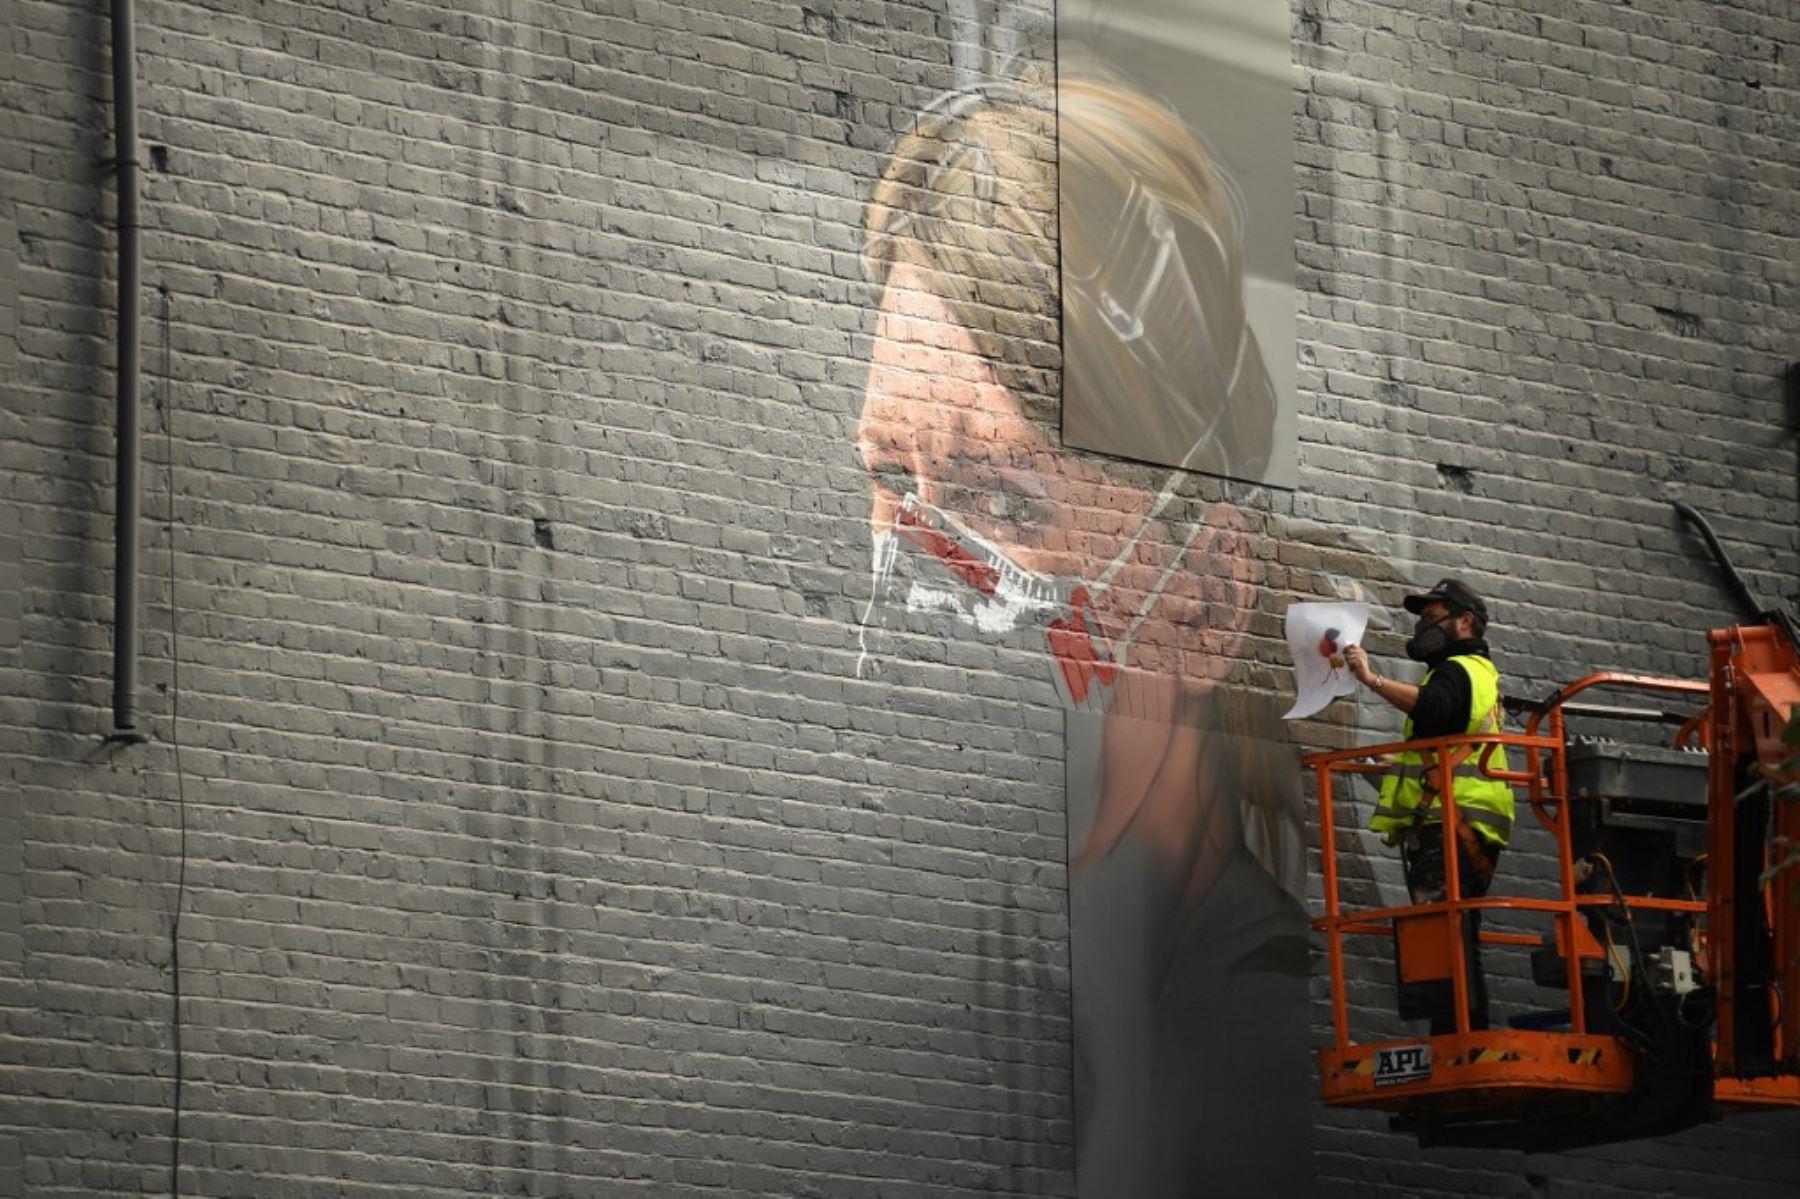 Un artista crea un mural de un trabajador del NHS en una pared en el norte de Manchester a medida que aumenta el número de casos del nuevo coronavirus COVID-19.